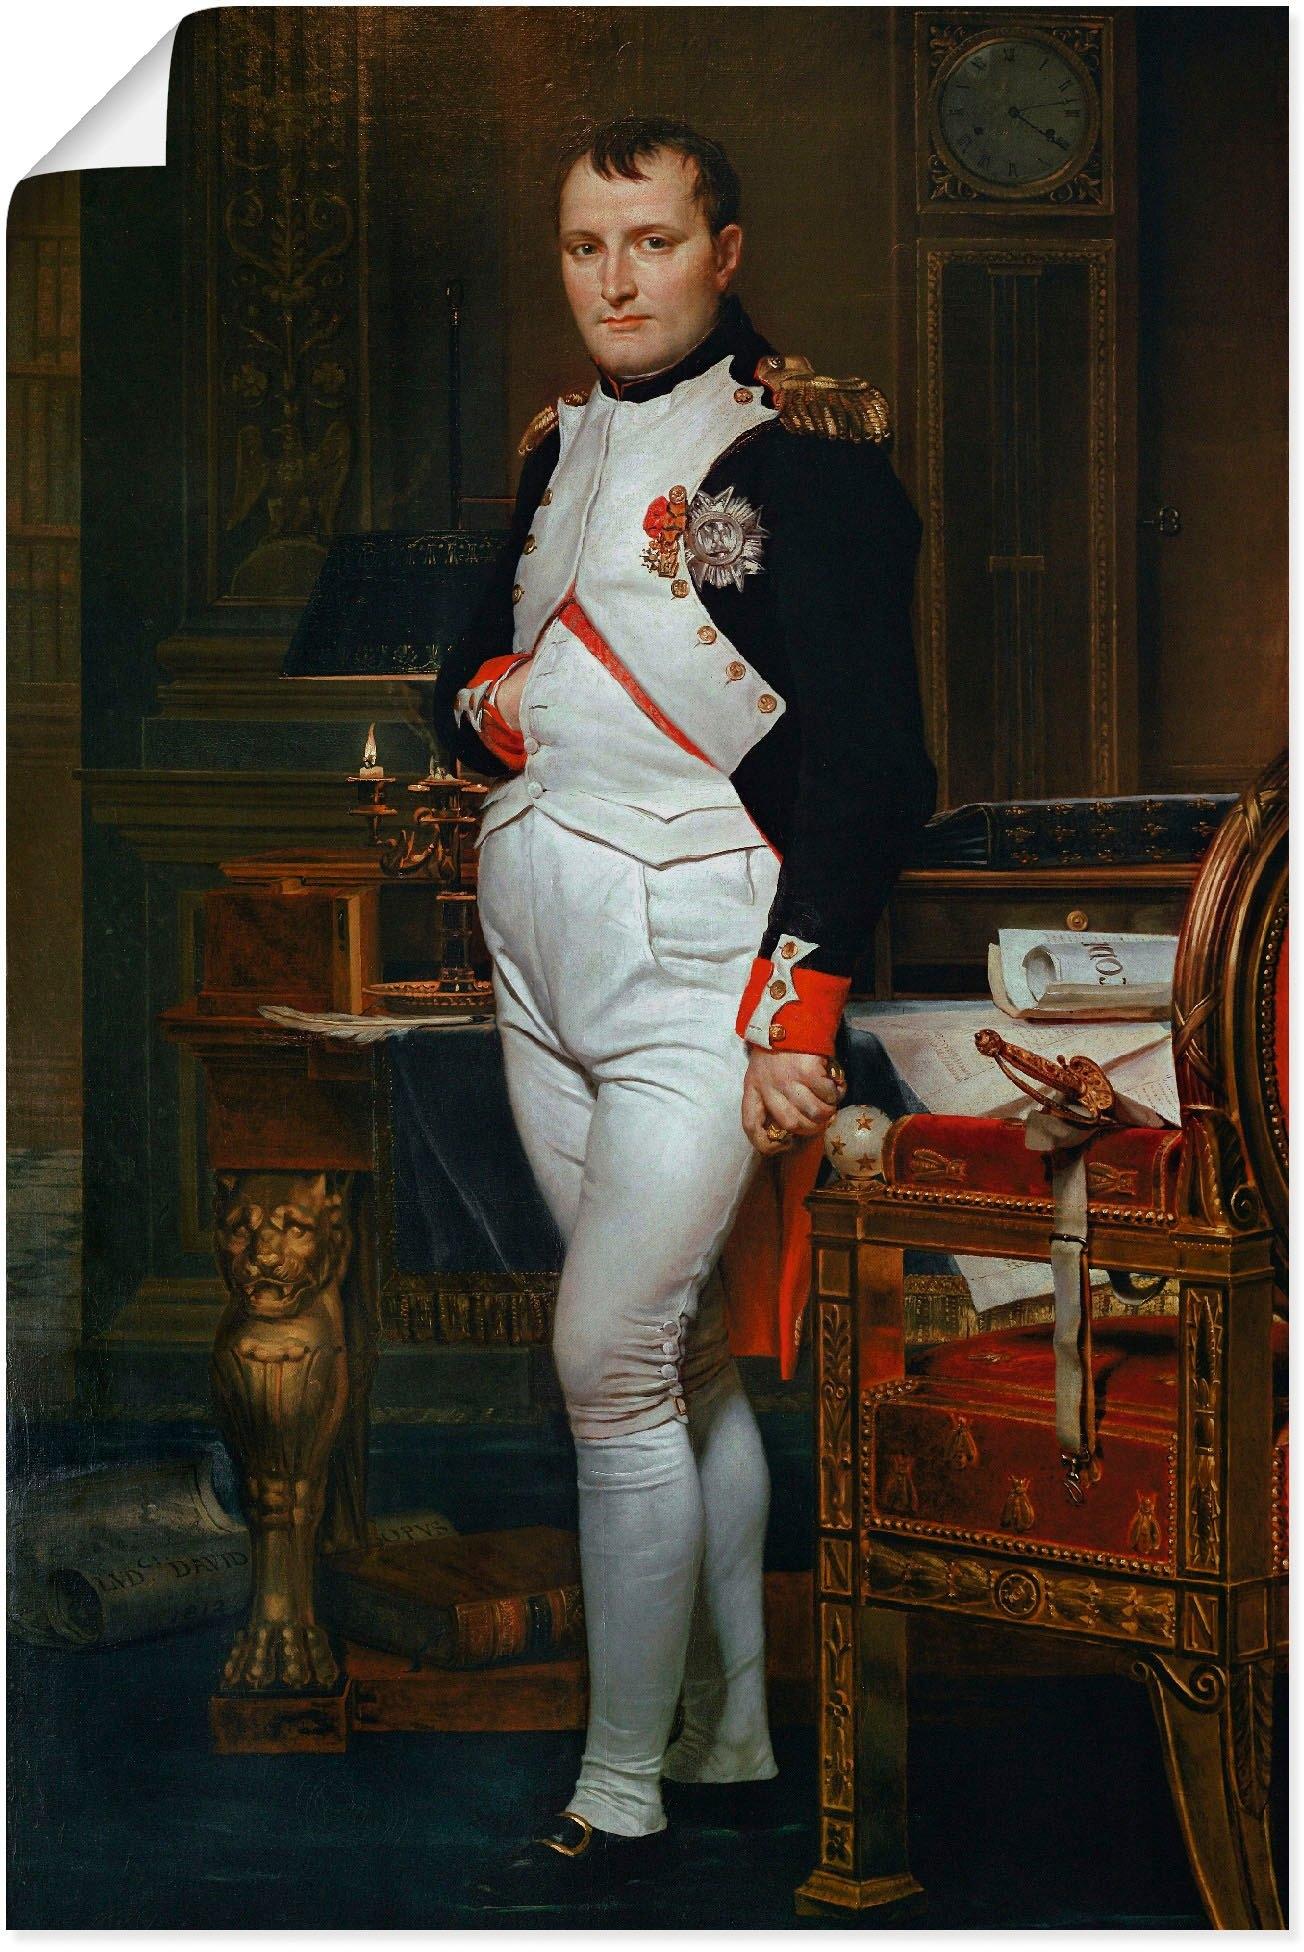 Artland artprint Napoleon I. Bonaparte. 1812 in vele afmetingen & productsoorten - artprint van aluminium / artprint voor buiten, artprint op linnen, poster, muursticker / wandfolie ook geschikt voor de badkamer (1 stuk) goedkoop op otto.nl kopen